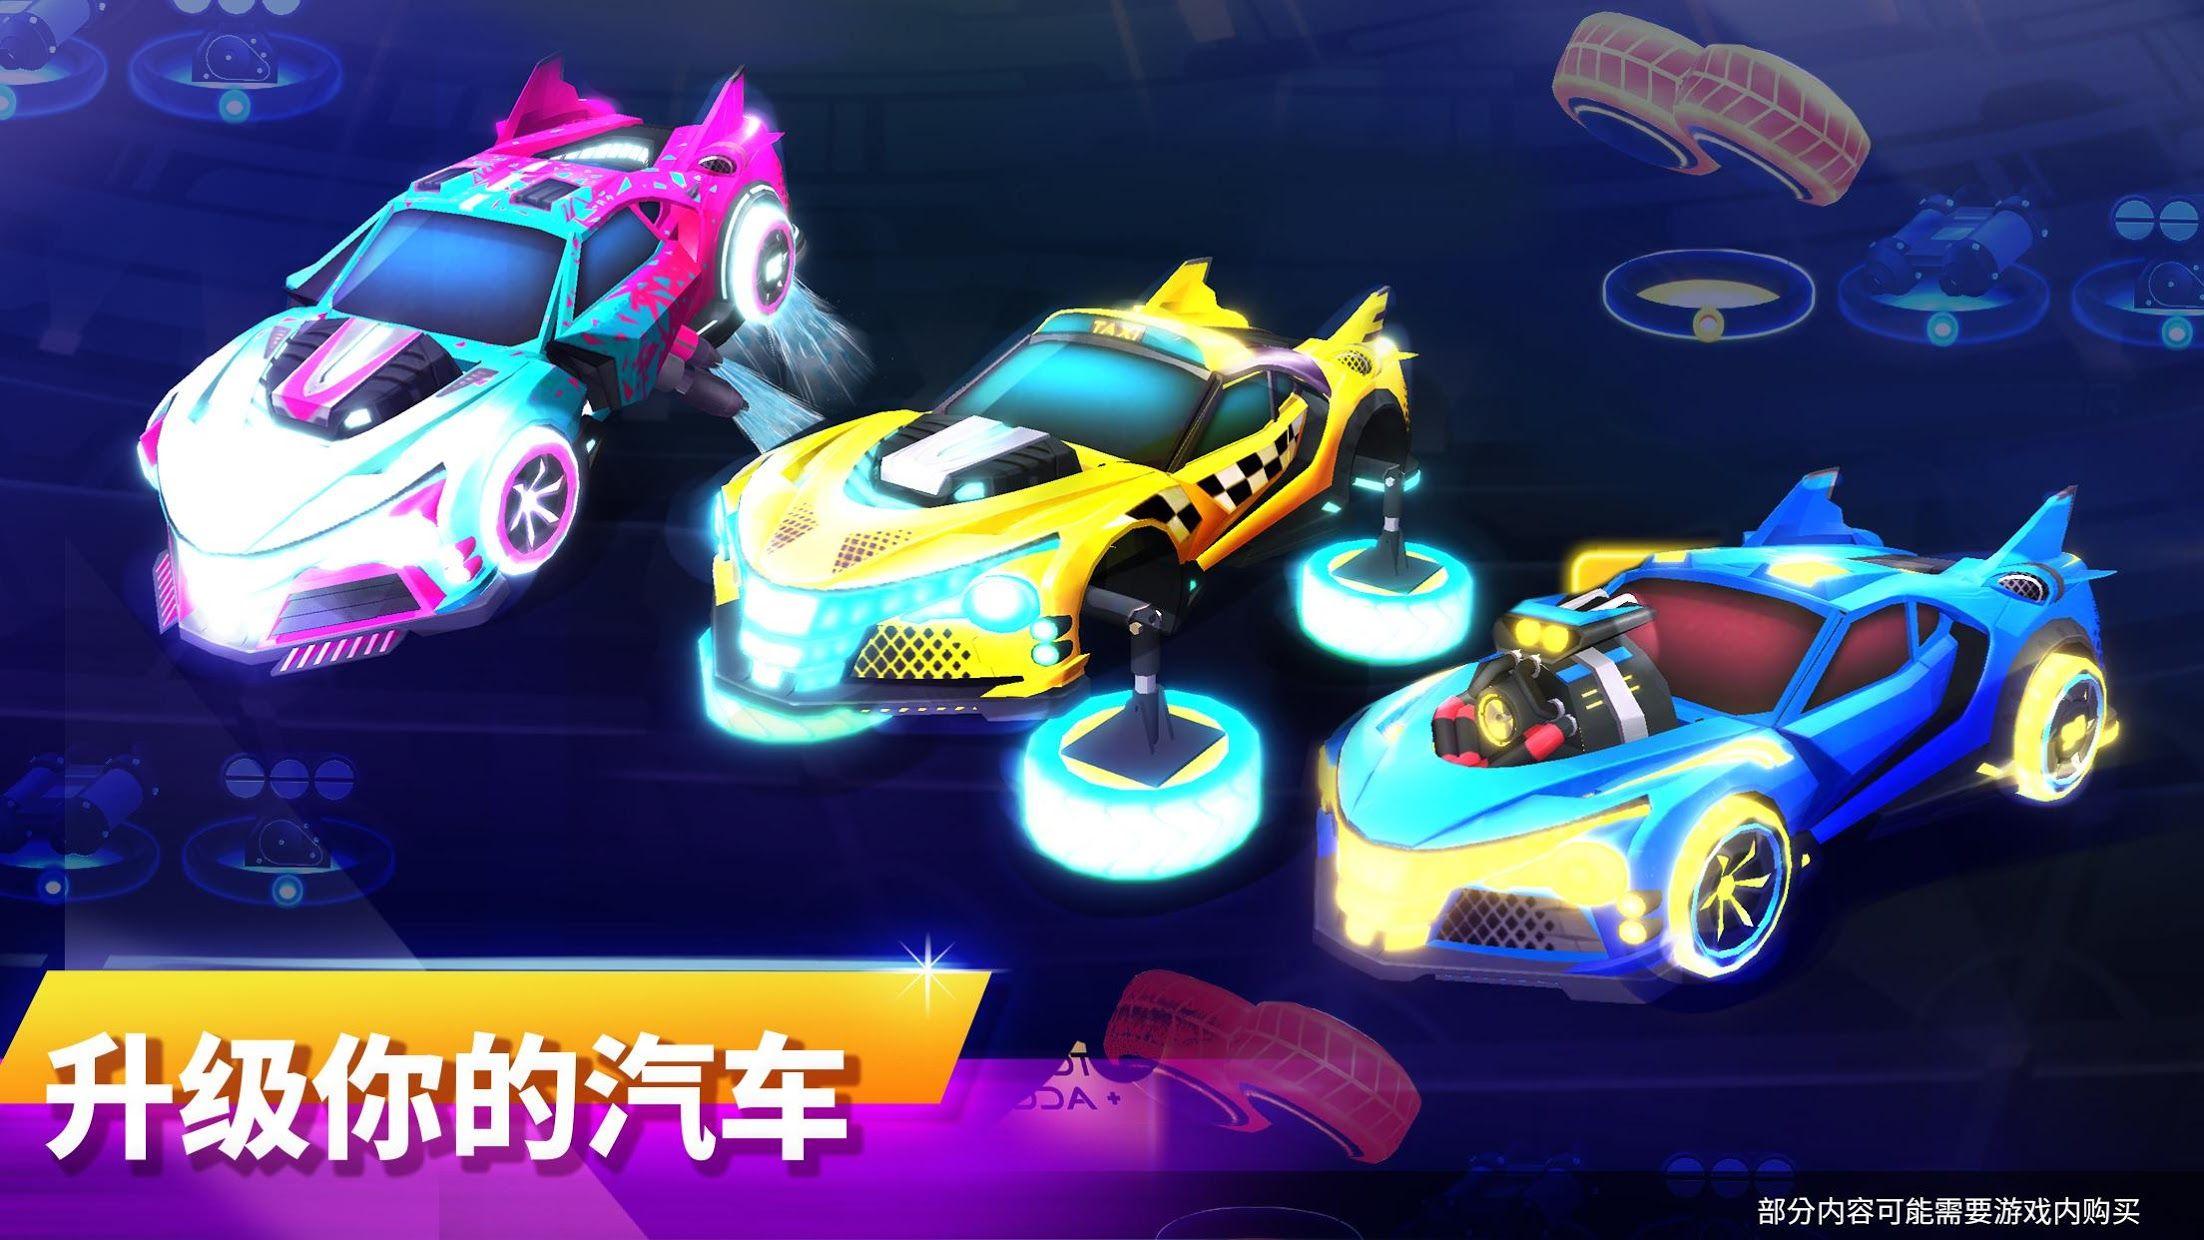 RaceCraft - 搭建与赛车 游戏截图4